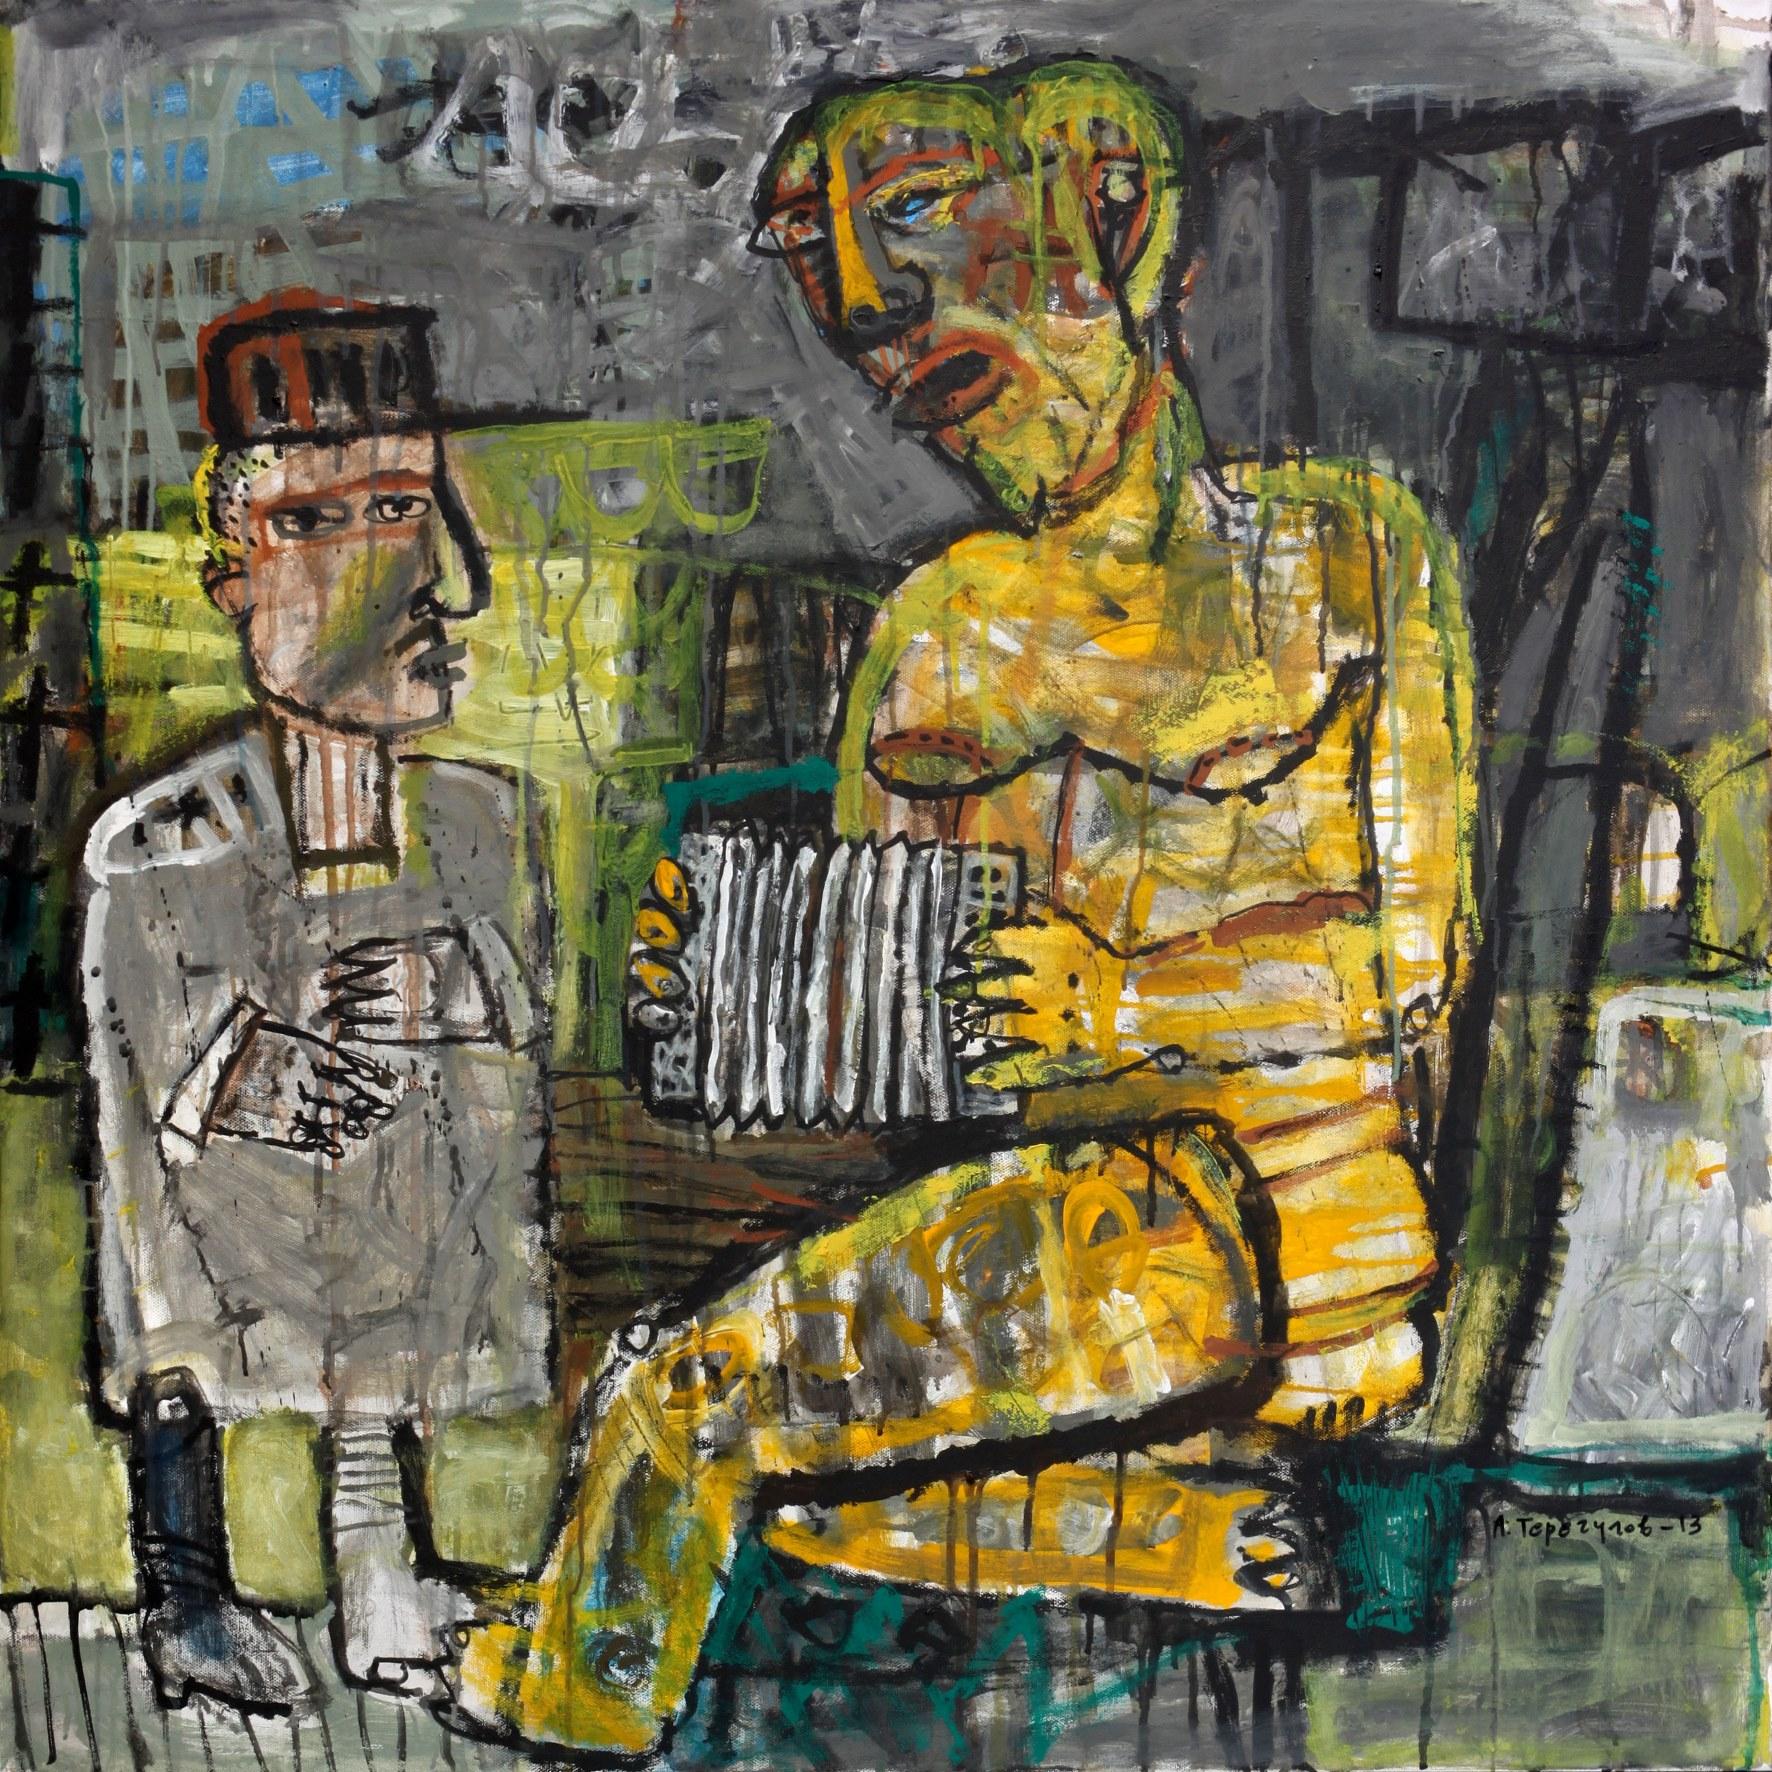 Айрат Терегулов. Позолоченная гармонистка делает джаз Шарлю. 2013. Холст, акрил. 100х100.jpg